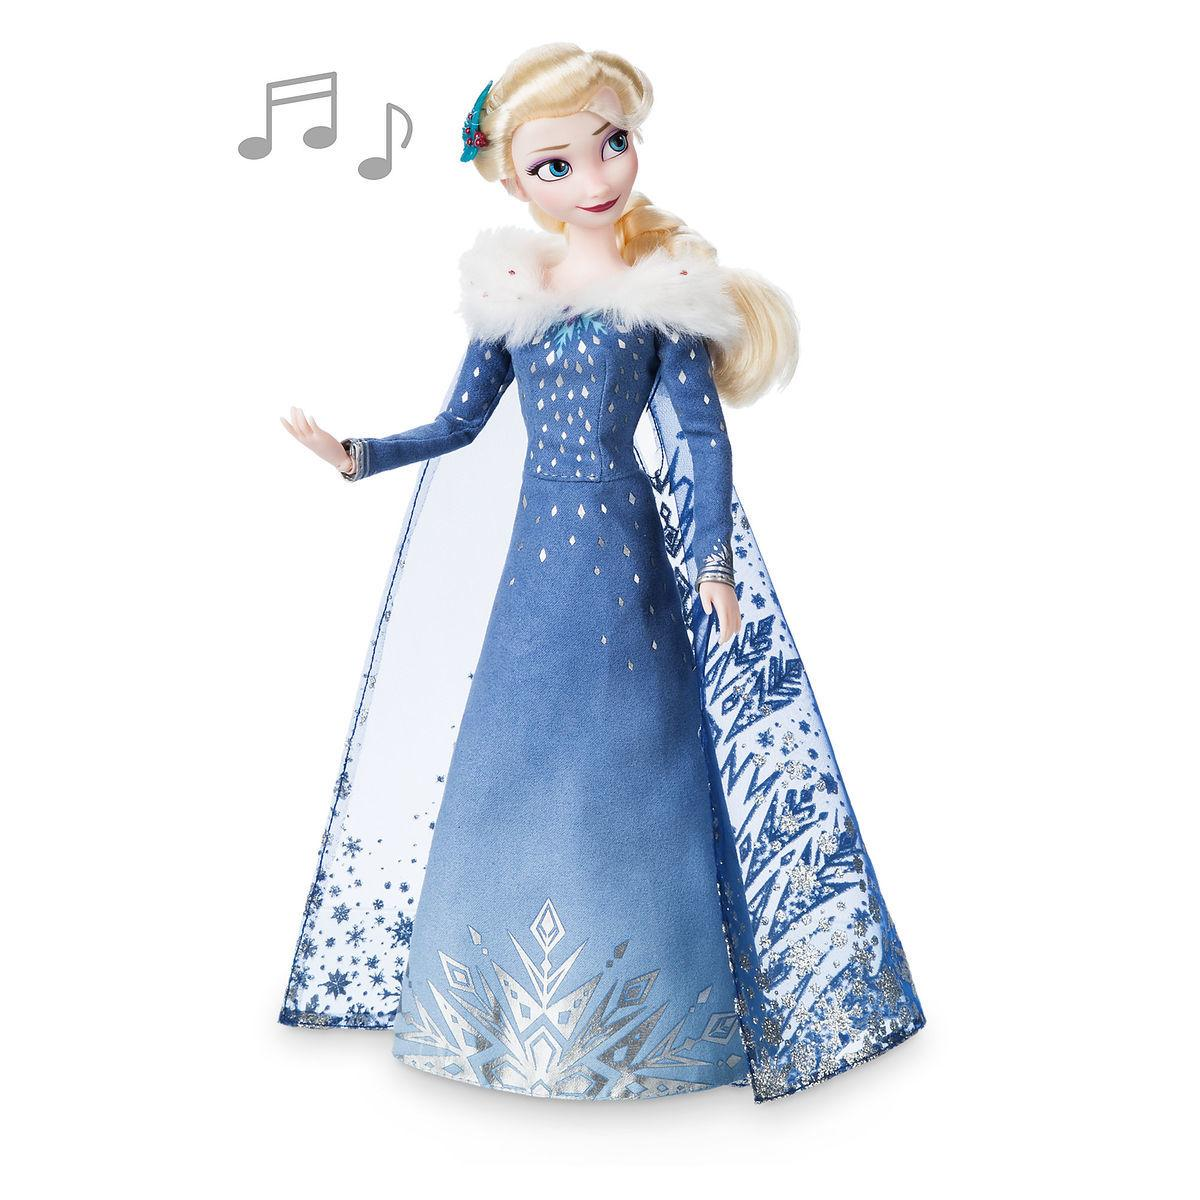 Эльза поющая кукла принцесса Холодное сердце ДИСНЕЙ / DISNEY